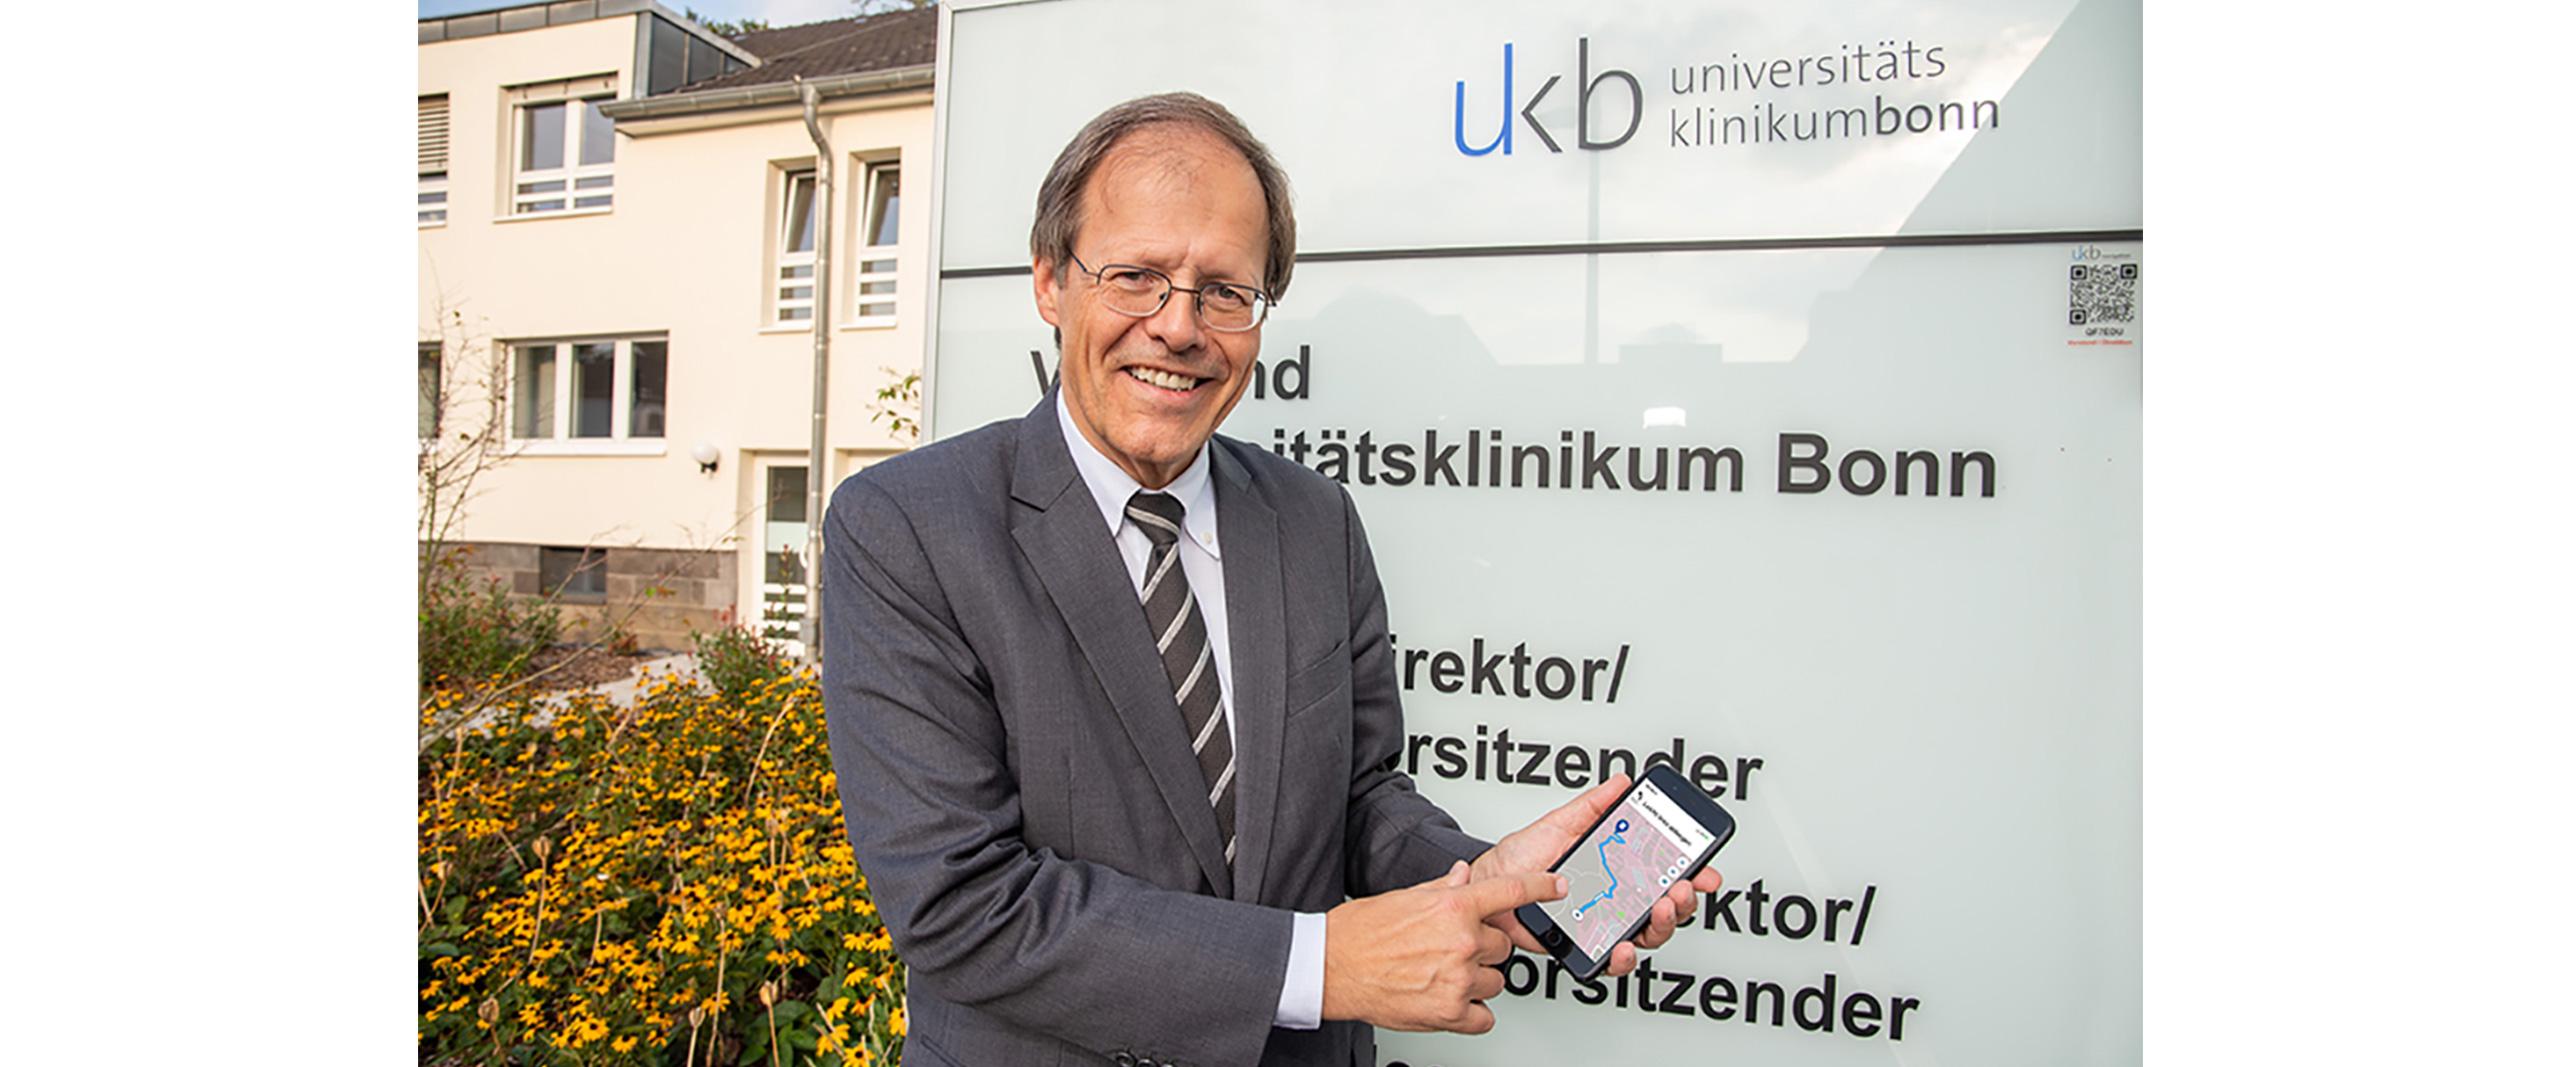 Neue Navigations-App am Universitätsklinikum Bonn erleichtert Orientierung für Patienten und Besucher